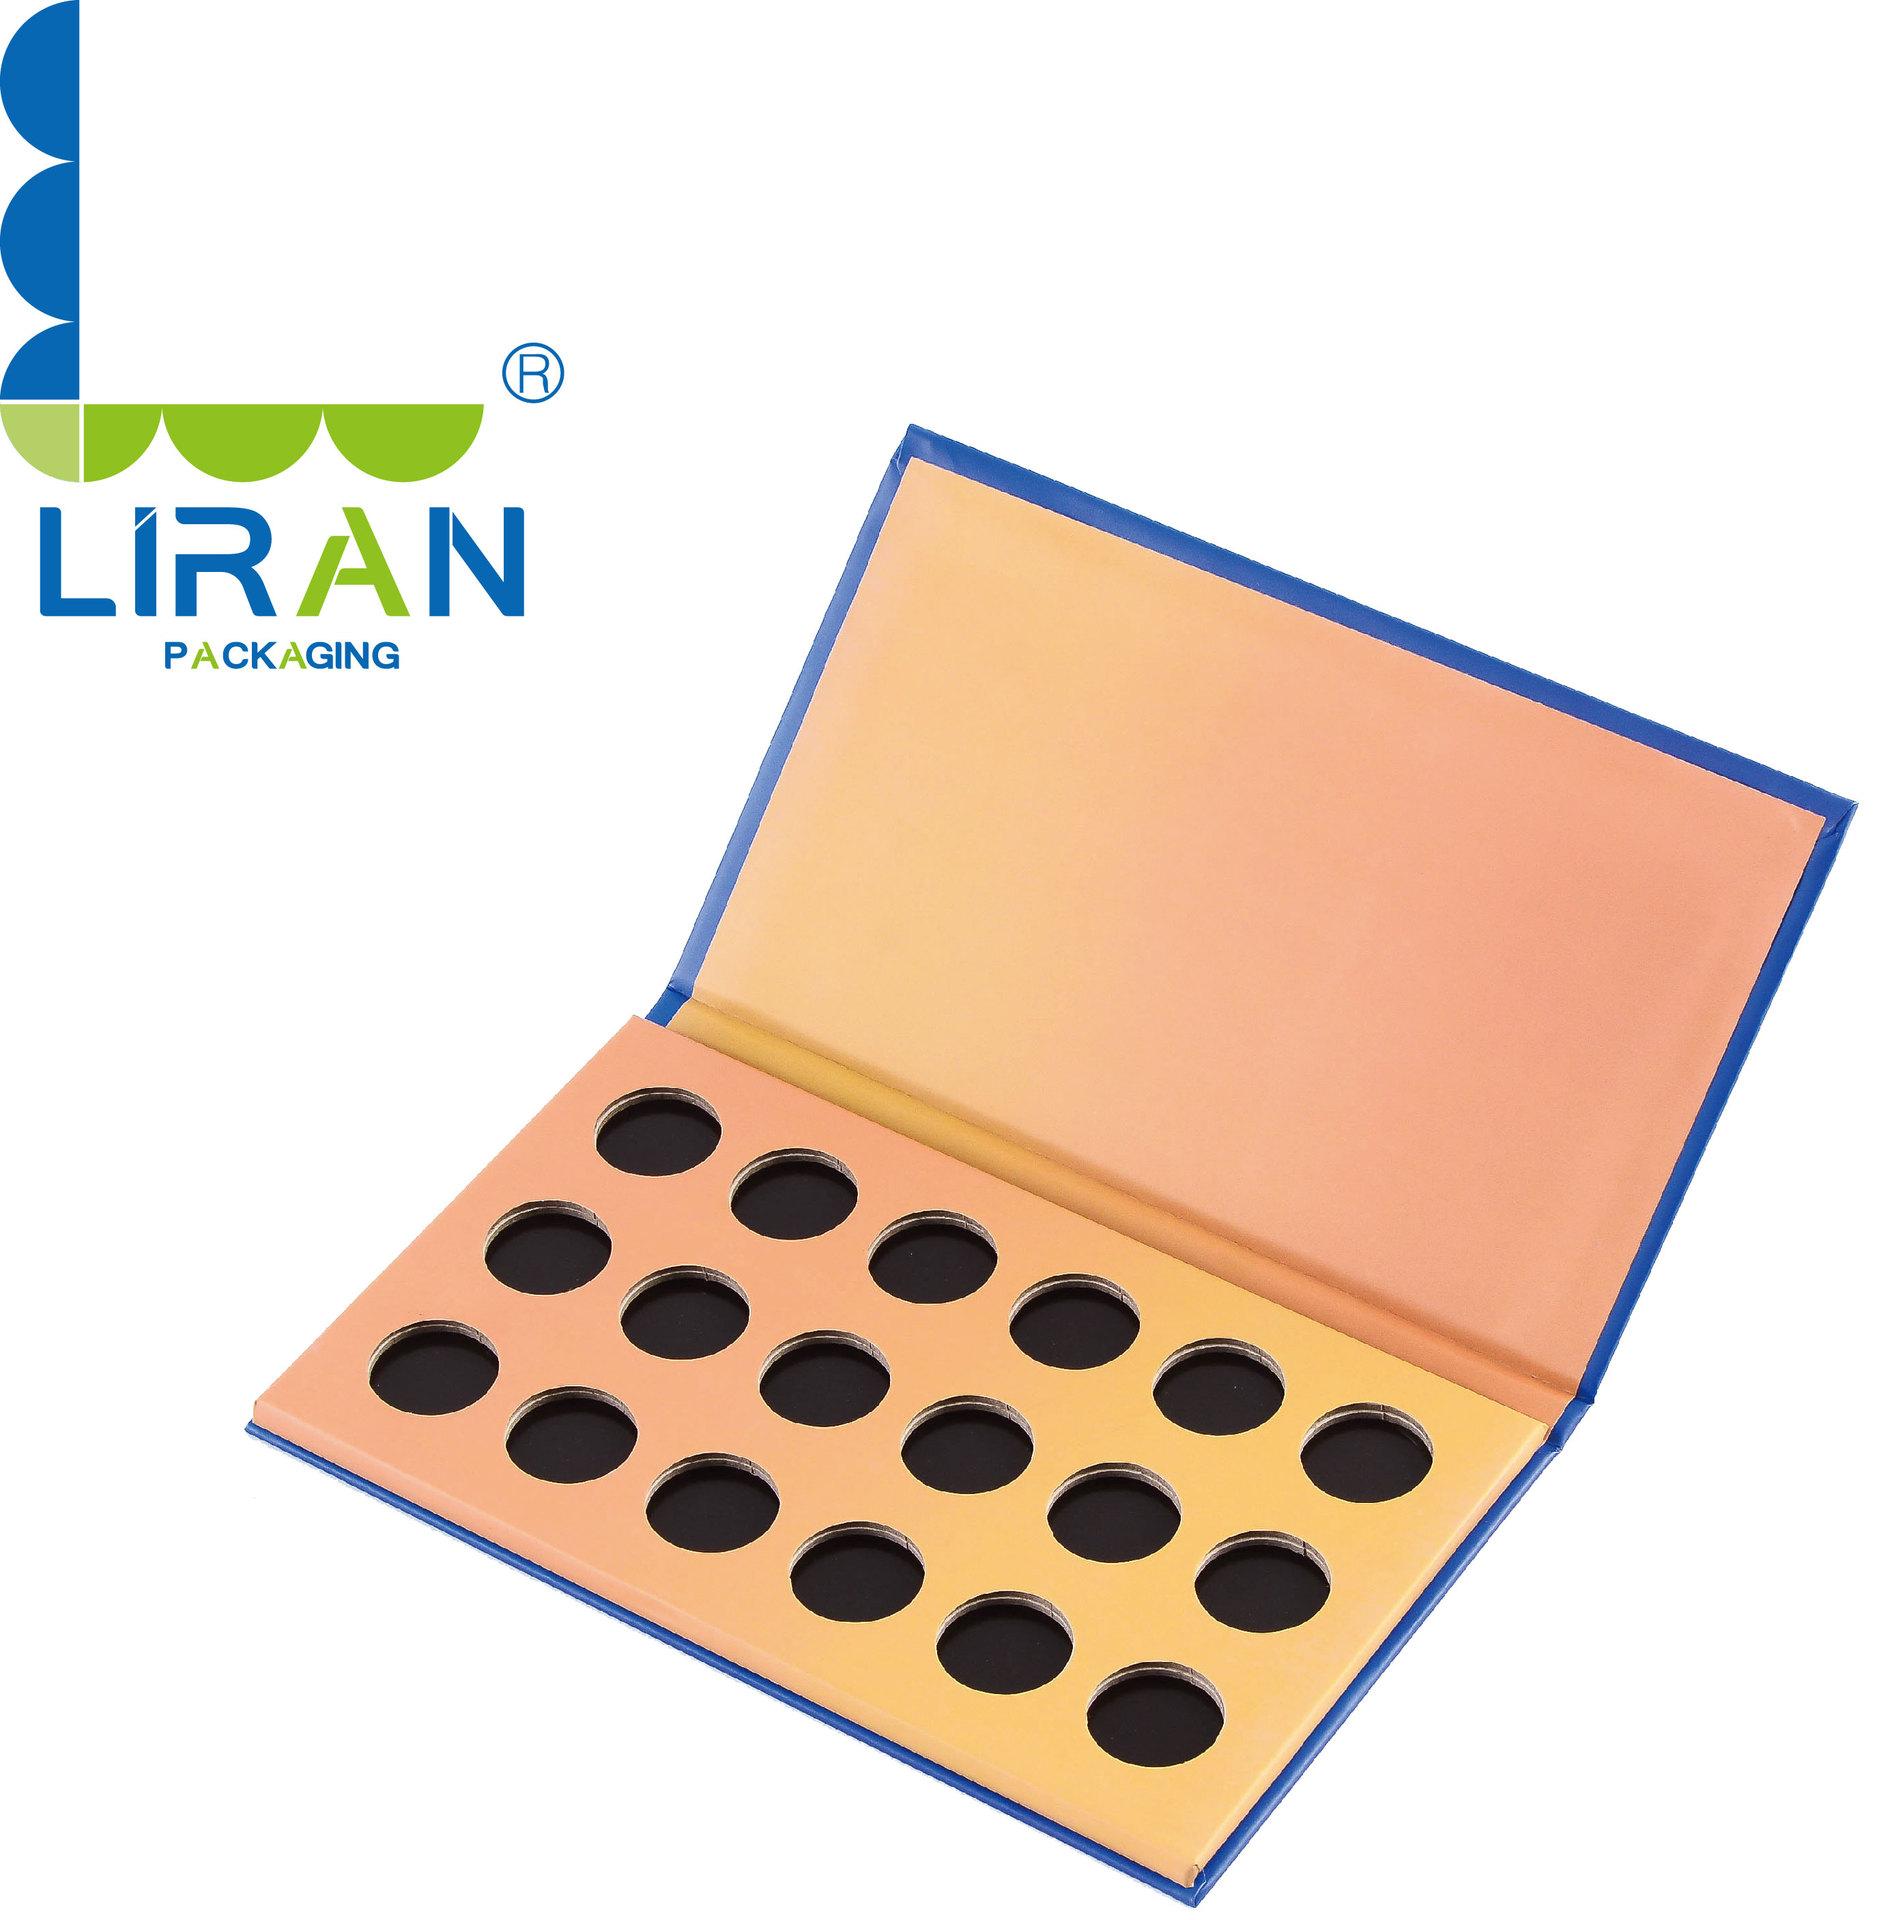 长期供应磁铁盒 眼影包装盒 化妆品盒子 高品质粉饼纸盒